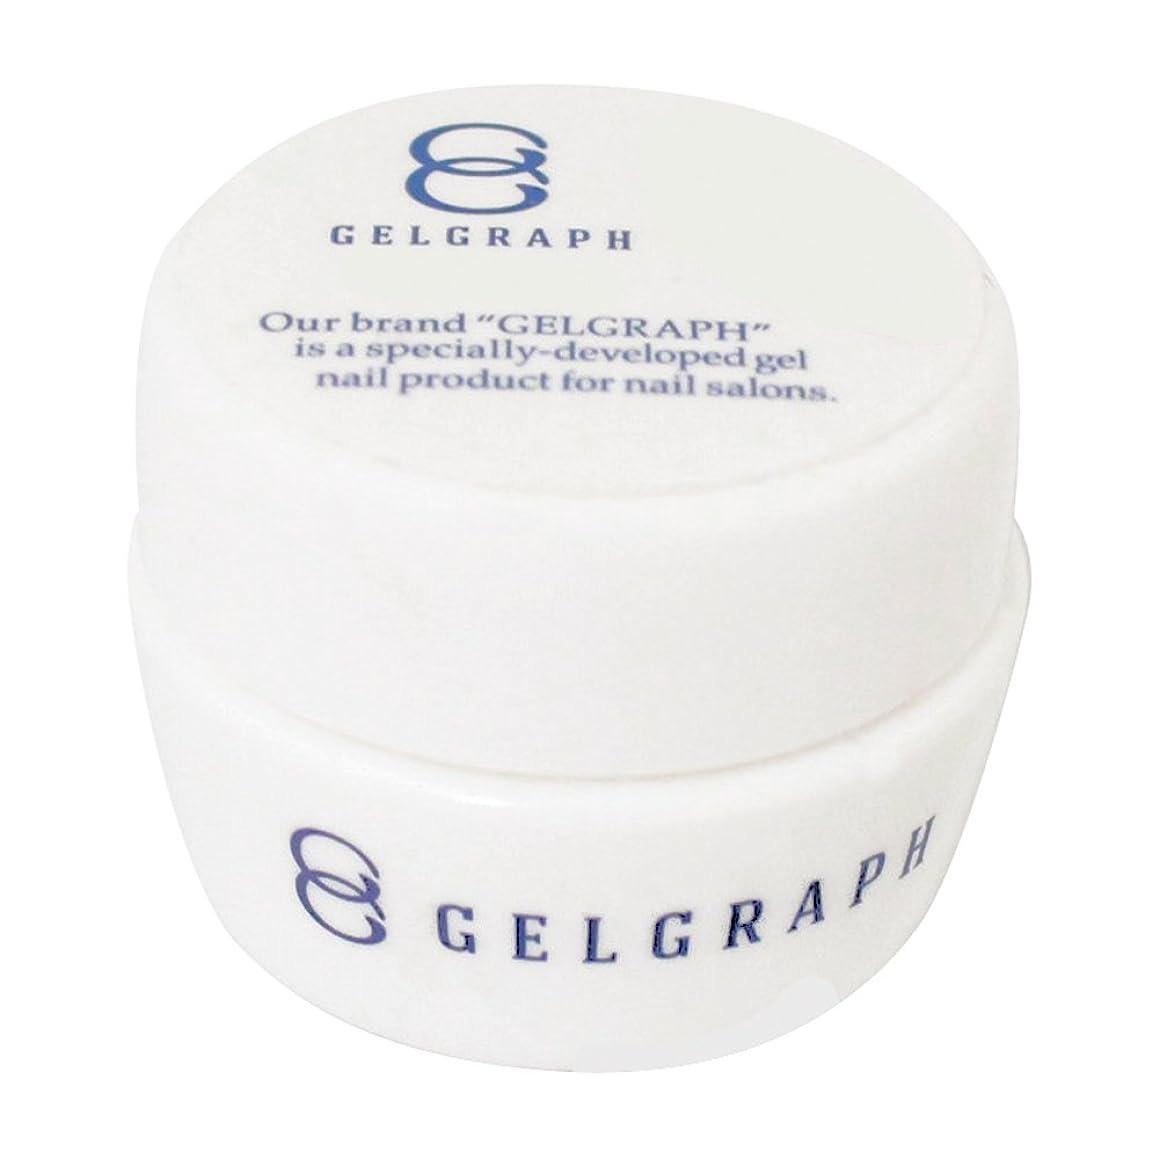 オリエント証拠治療GELGRAPH カラージェル 078M ミッドナイトブルー 5g UV/LED対応 ソークオフジェル